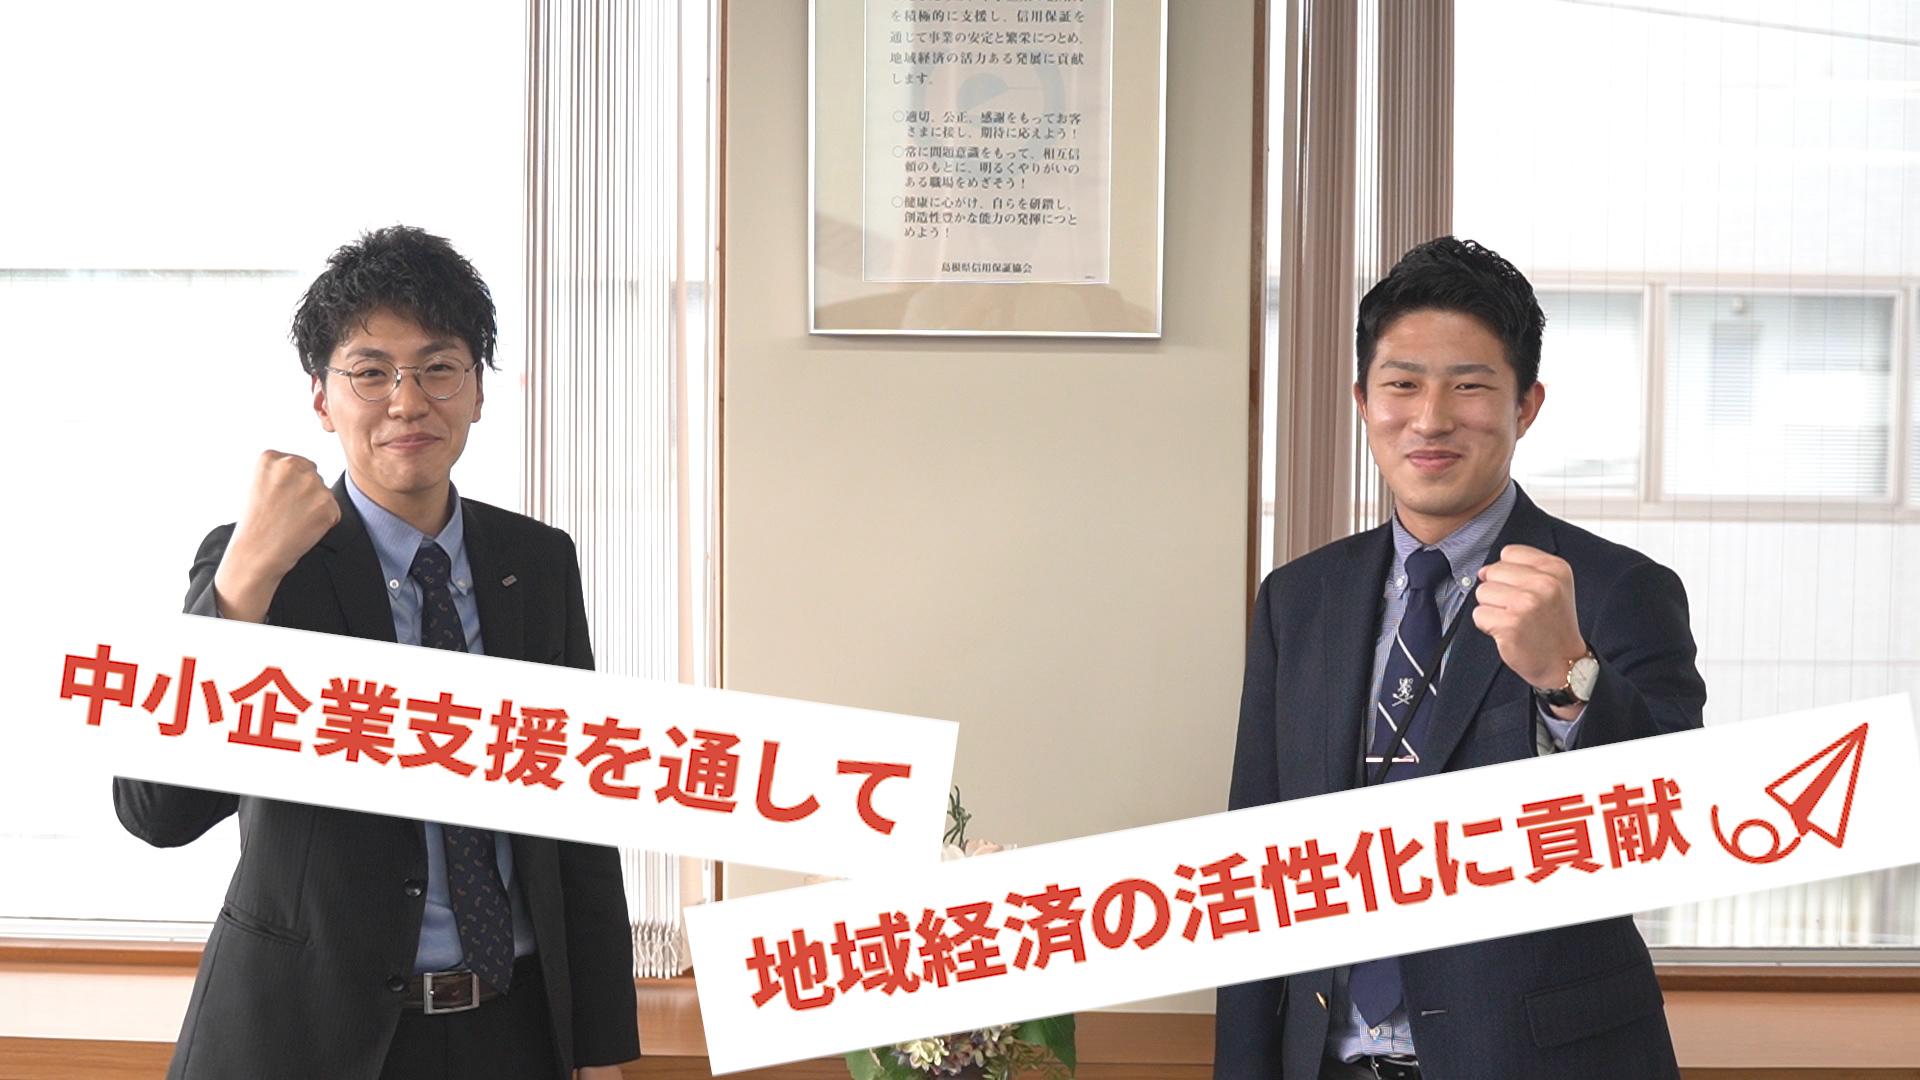 島根県信用保証協会